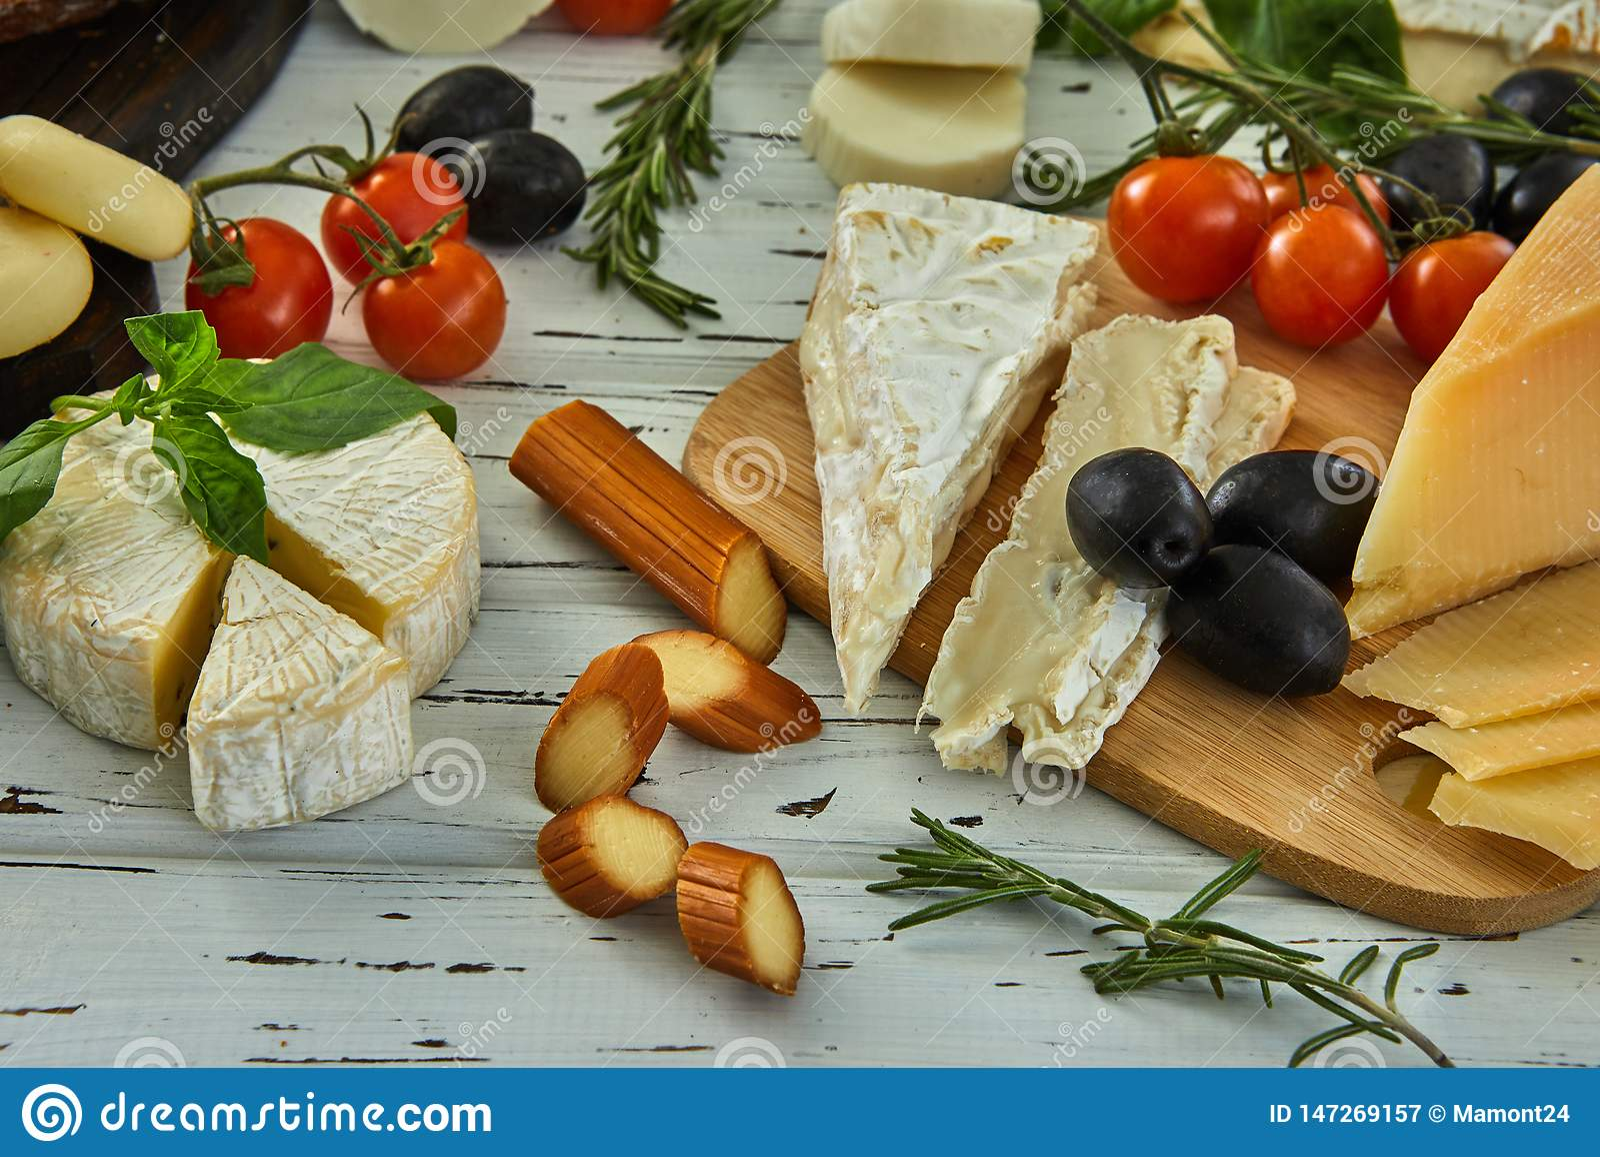 Diff?rents fromages sur la table Produits laitiers frais